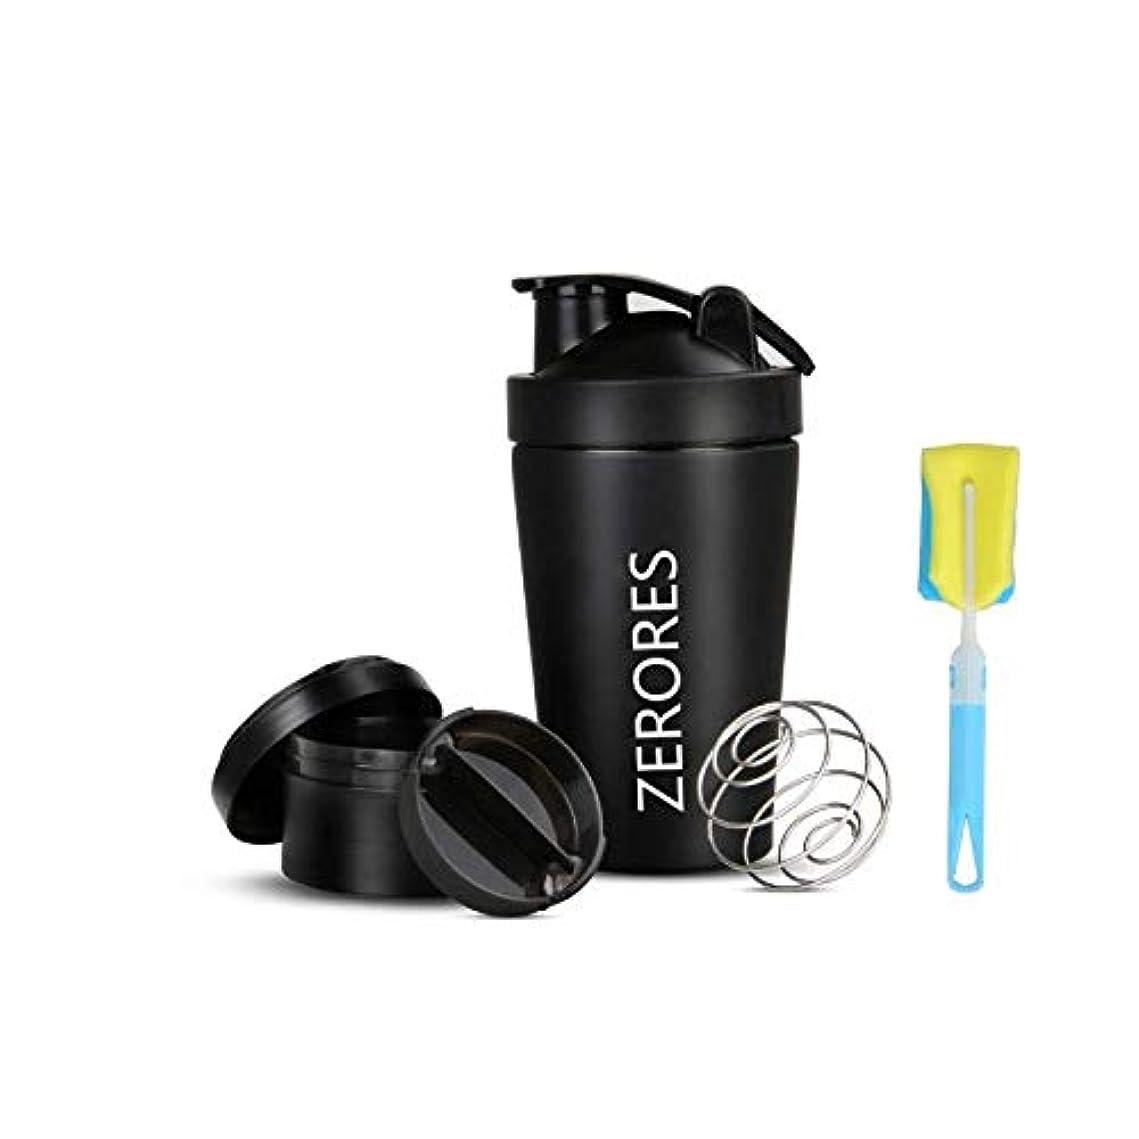 ファンタジー宣言する設置ZERORESステンレススチールスポーツウォーターボトルシェーカーカップ、漏れ防止、BPAフリー(黒い) 600ML